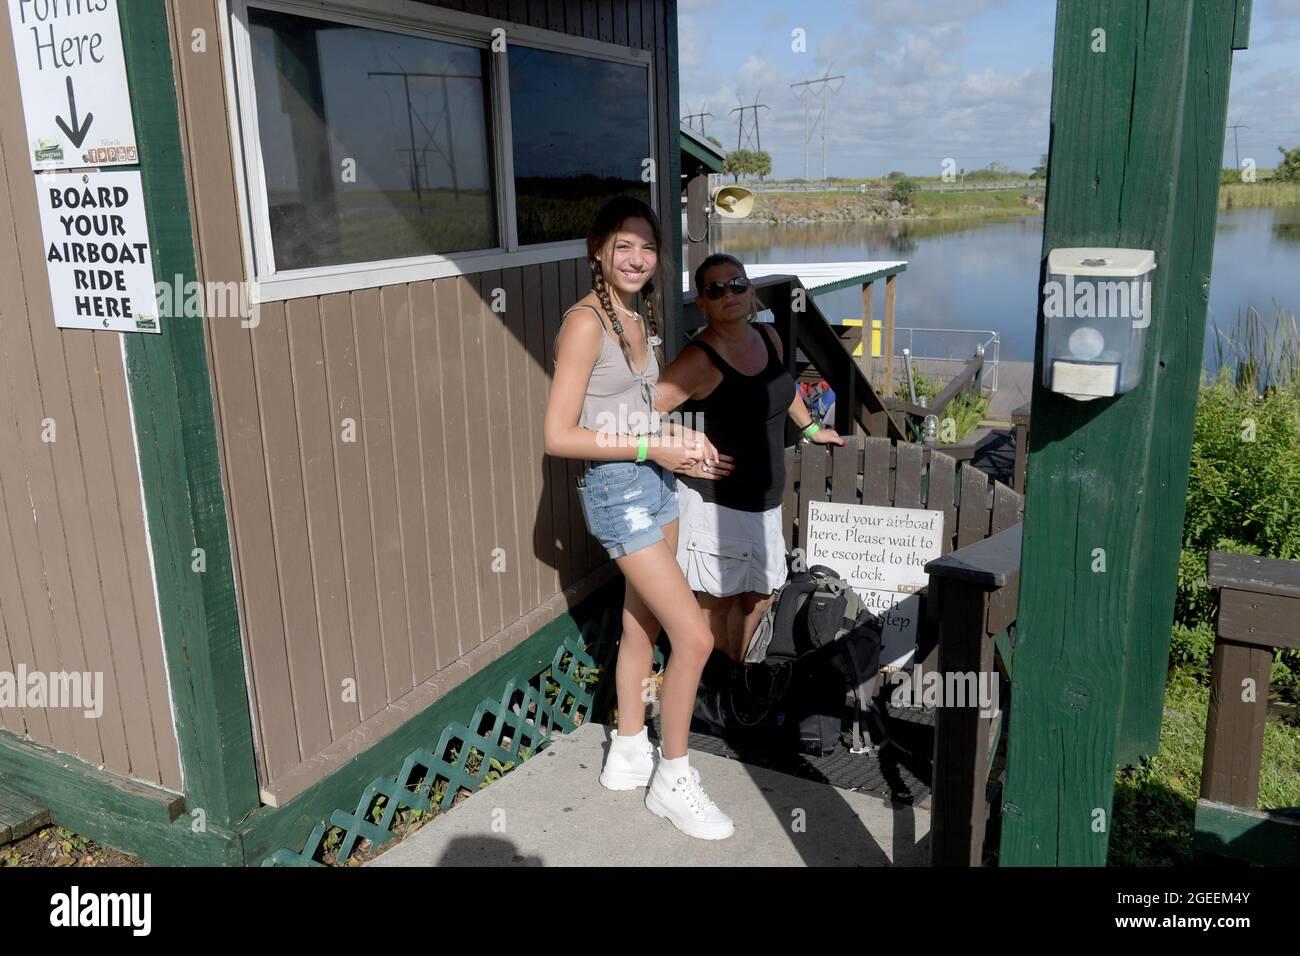 Weston, Estados Unidos de América. 19th de agosto de 2021. WESTIN, FL - 19 DE AGOSTO: Muchos turistas y residentes de Florida están eligiendo actividades al aire libre durante la crisis de Covid-19 tales como el tour en hidrodeslizador donde ven a los caimanes de Florida y la variada vida silvestre en el Parque Recreativo Sawgrass ubicado en el Parque Nacional Everglades el 19 de agosto de 2021 en Weston, Florida. Personas: Florida Alligators Crédito: Storms Media Group/Alamy Live News Foto de stock